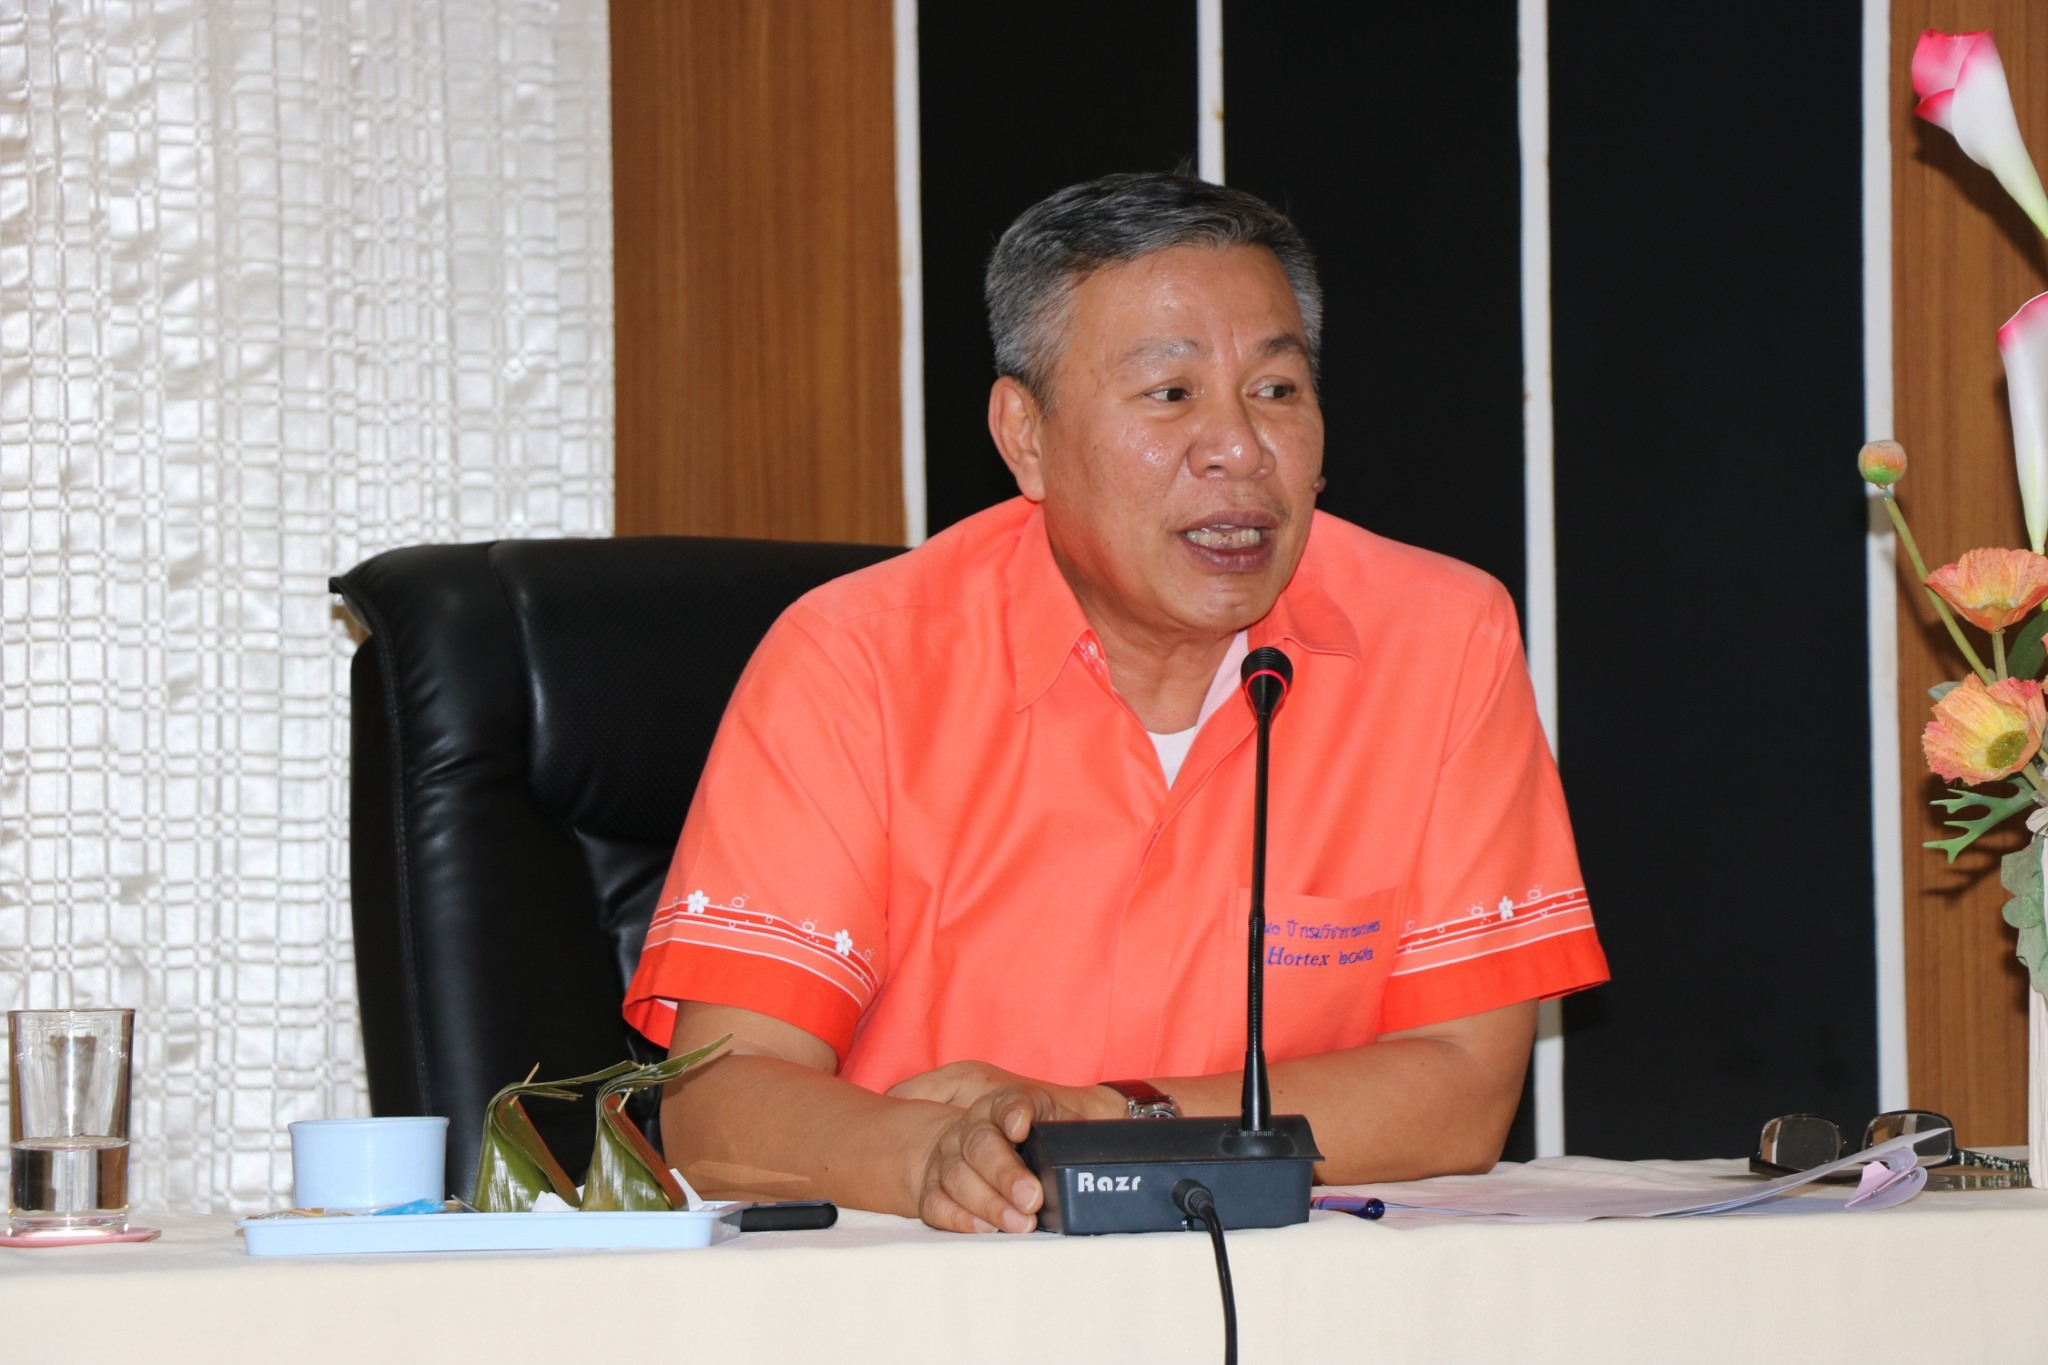 ดร.สมบัติ  ตงเต๊า ผู้อำนวยการสำนักวิจัยและพัฒนาการเกษตรเขตที่ 2 เป็นประธานการประชุมชี้แจงแนวทางการปฏิบัติงานหลังการปรับลดงบประมาณ พ.ศ.2563